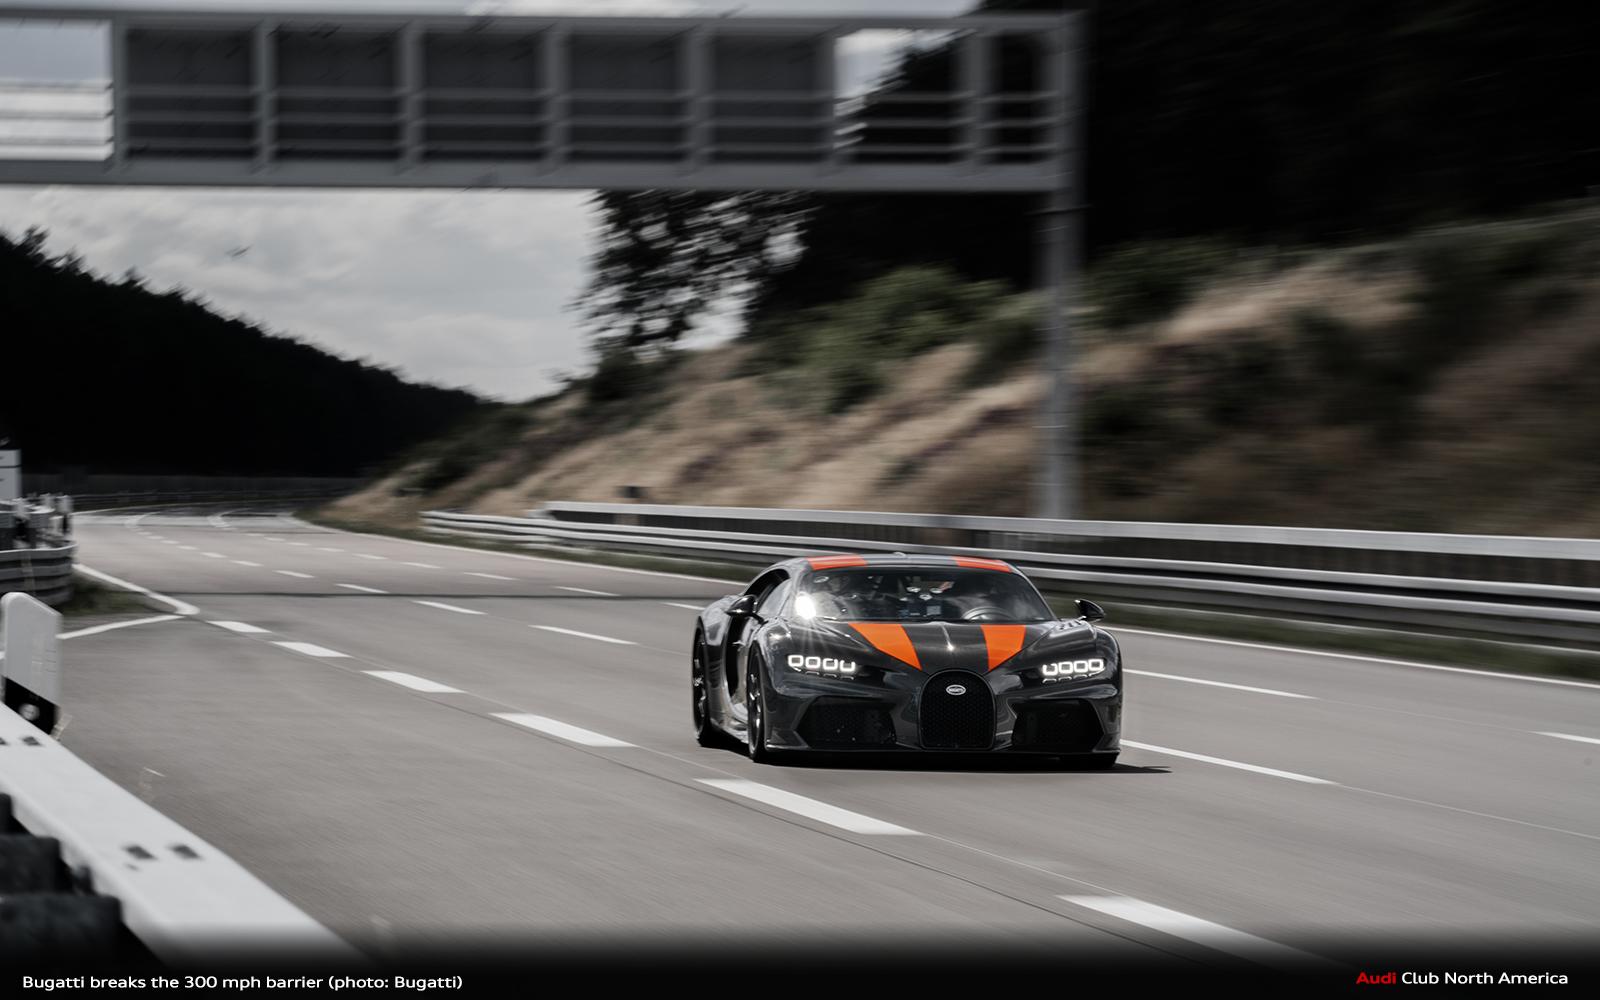 World Record: Bugatti Breaks The 300 MPH Barrier - Audi Club